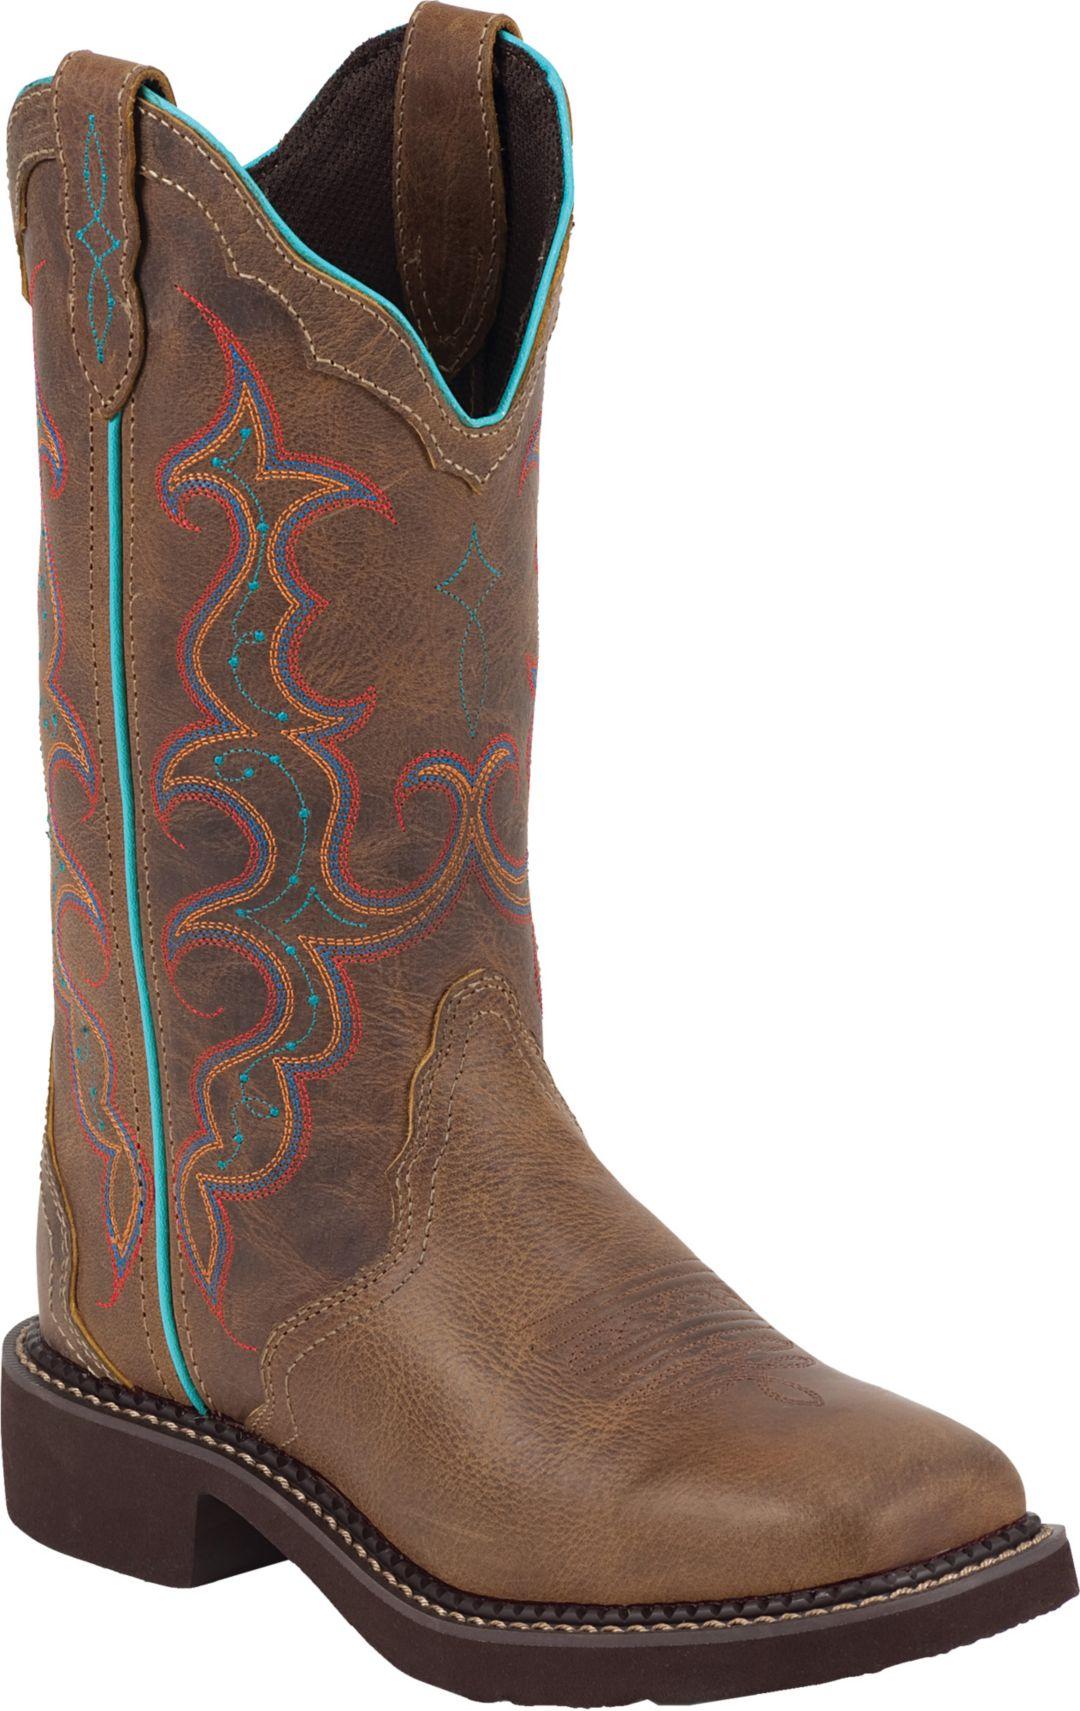 8990506baf6 Justin Women's Classic Gypsy Western Boots